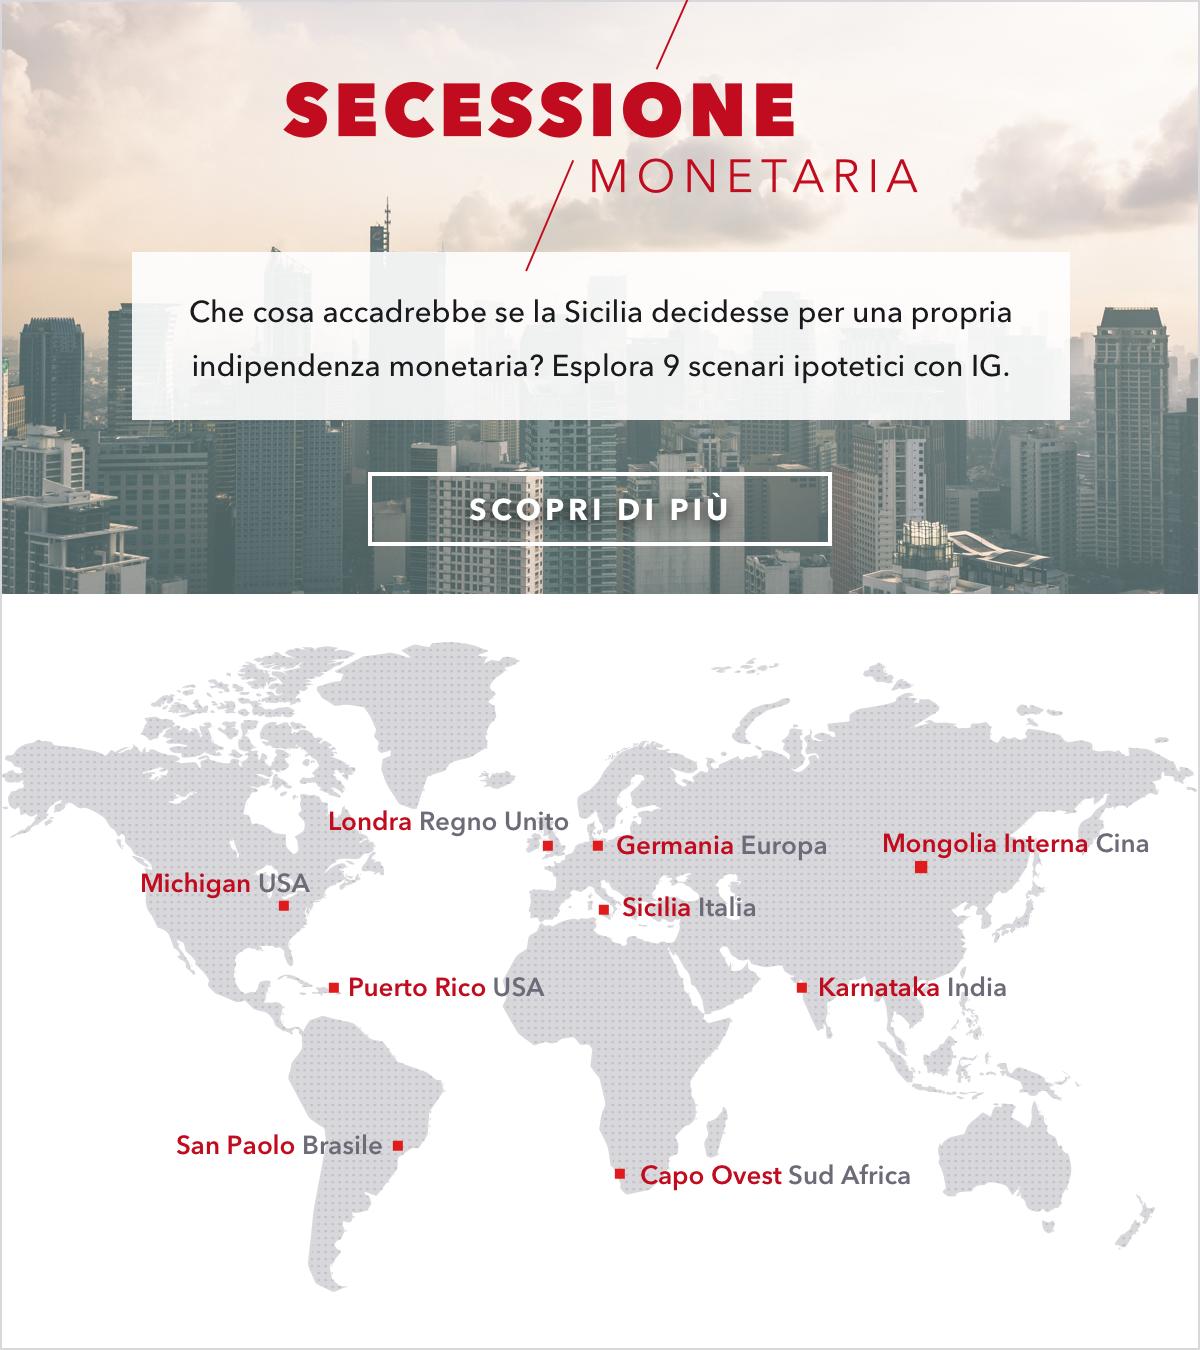 Secessione monetaria